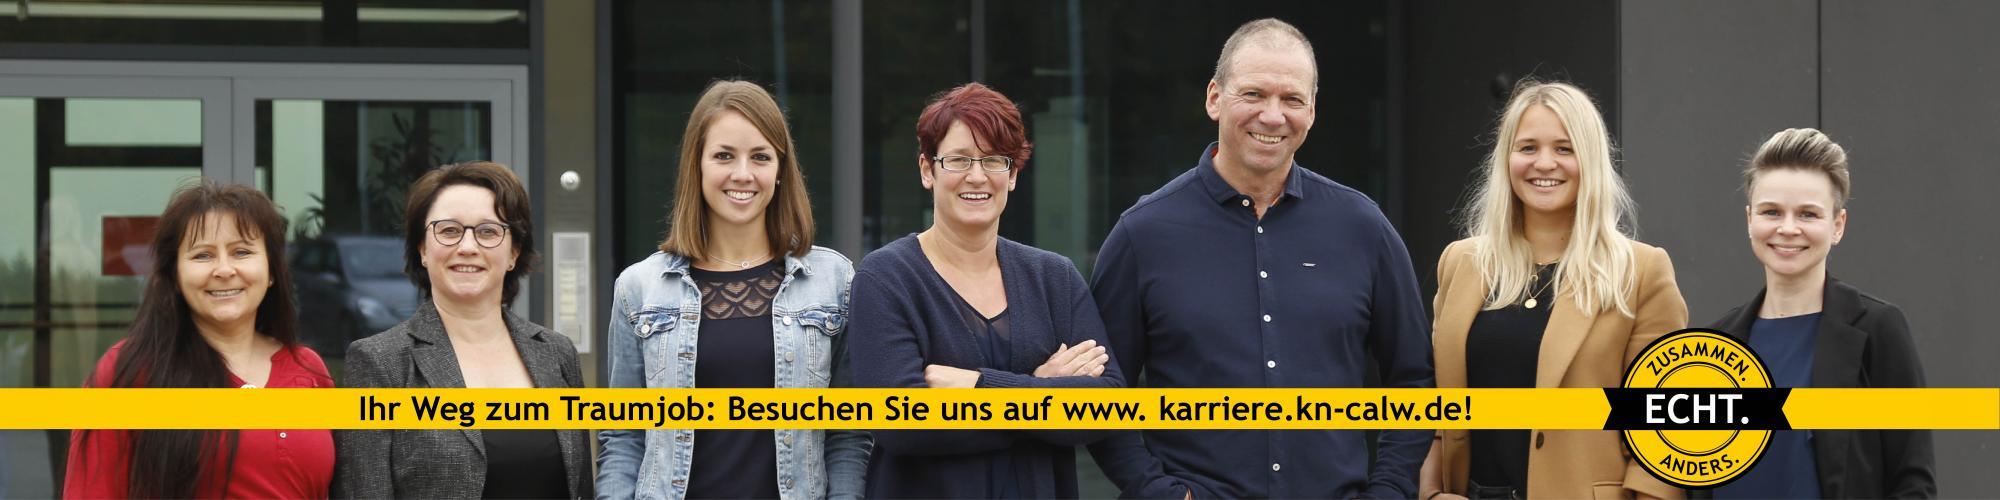 Zentrum für Psychiatrie Calw - Klinikum Norschwarzwald